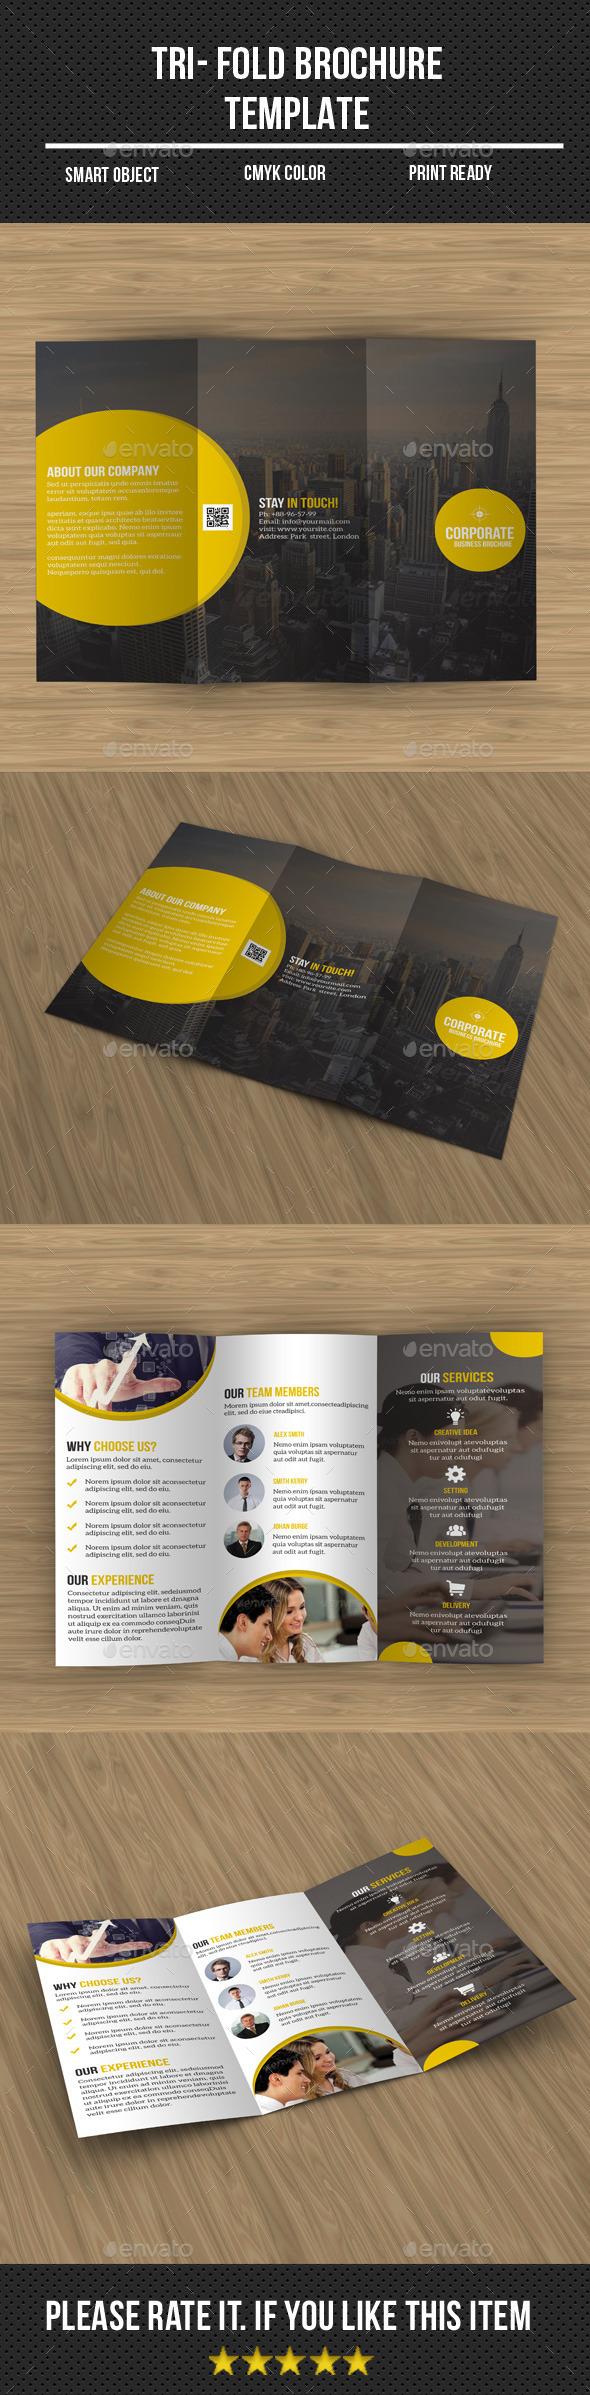 Corporate Tri- Fold Brochure - Corporate Brochures